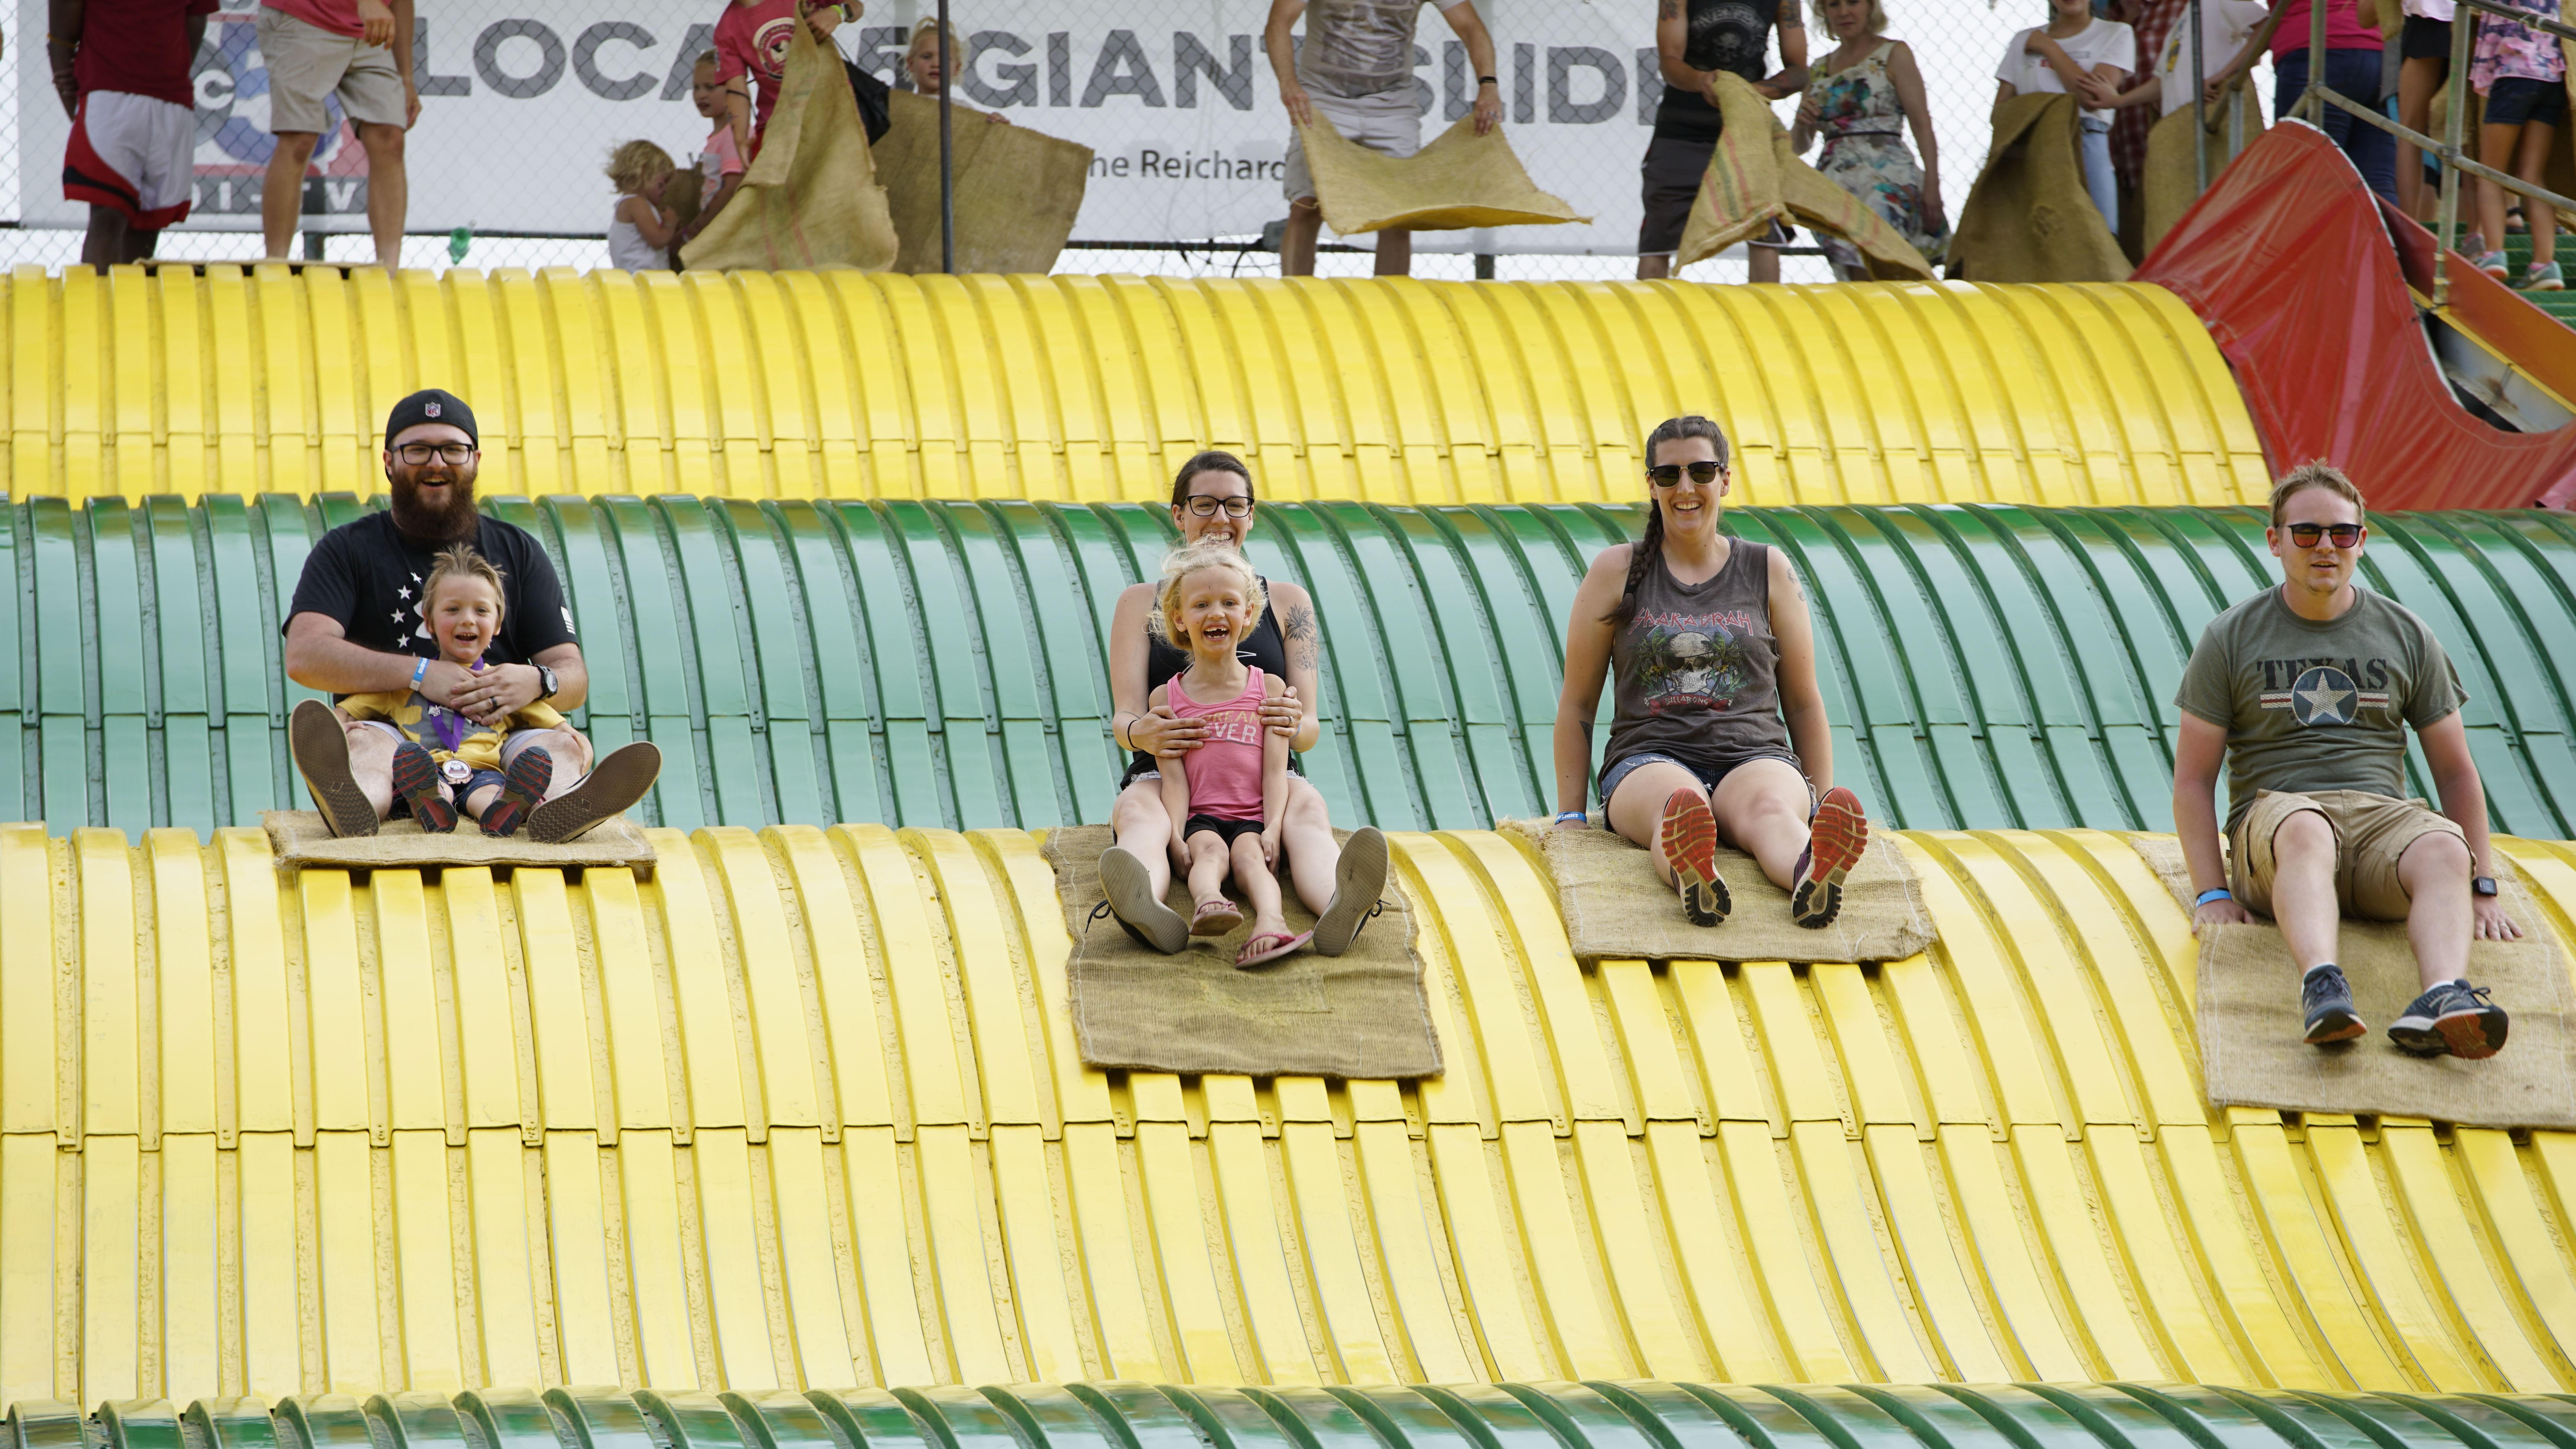 Fairgoers on the Giant Slide